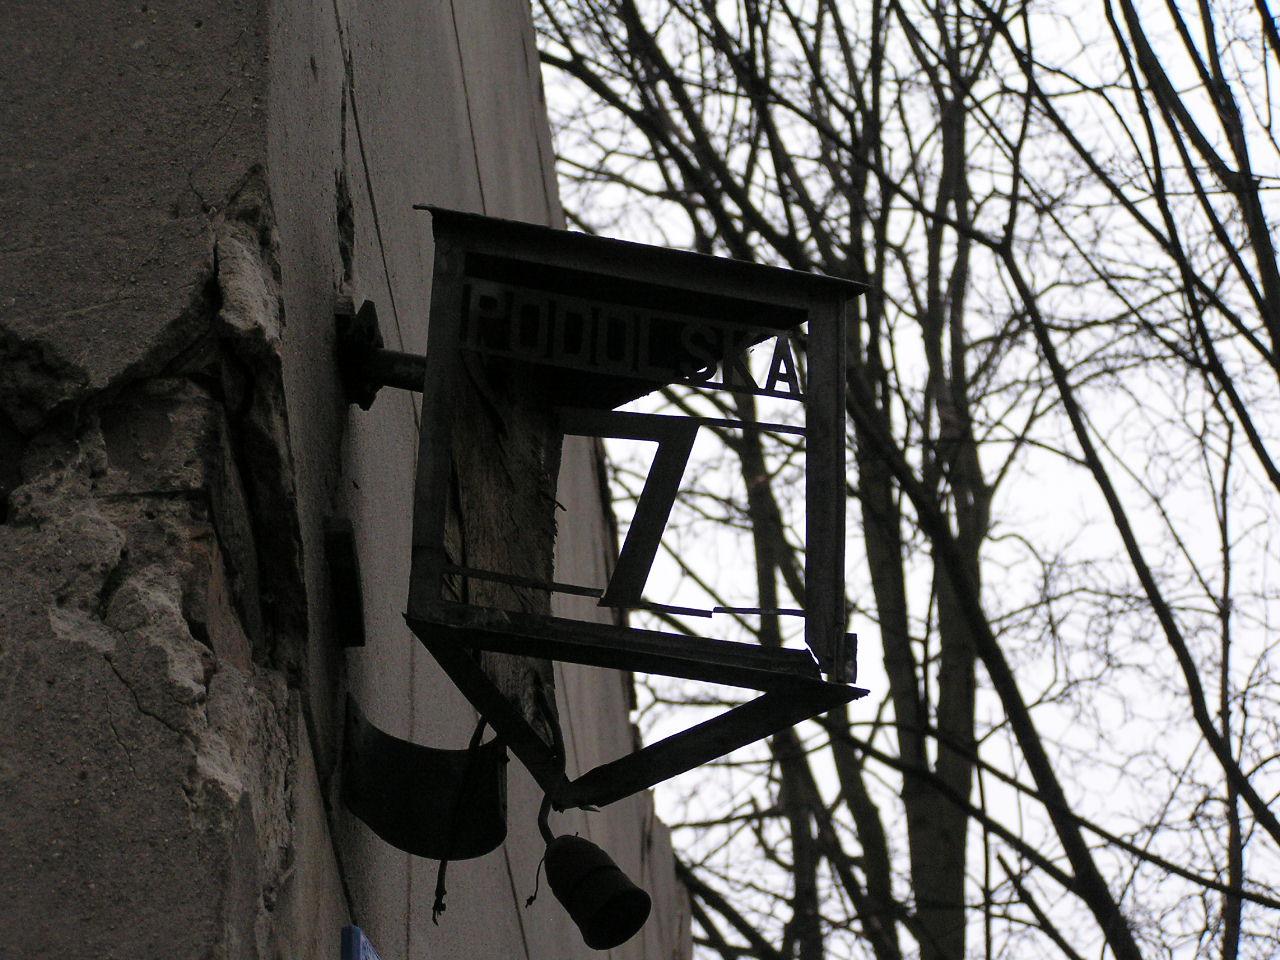 Latarenka adresowa przy ulicy Podolskej 7 na Grochowie